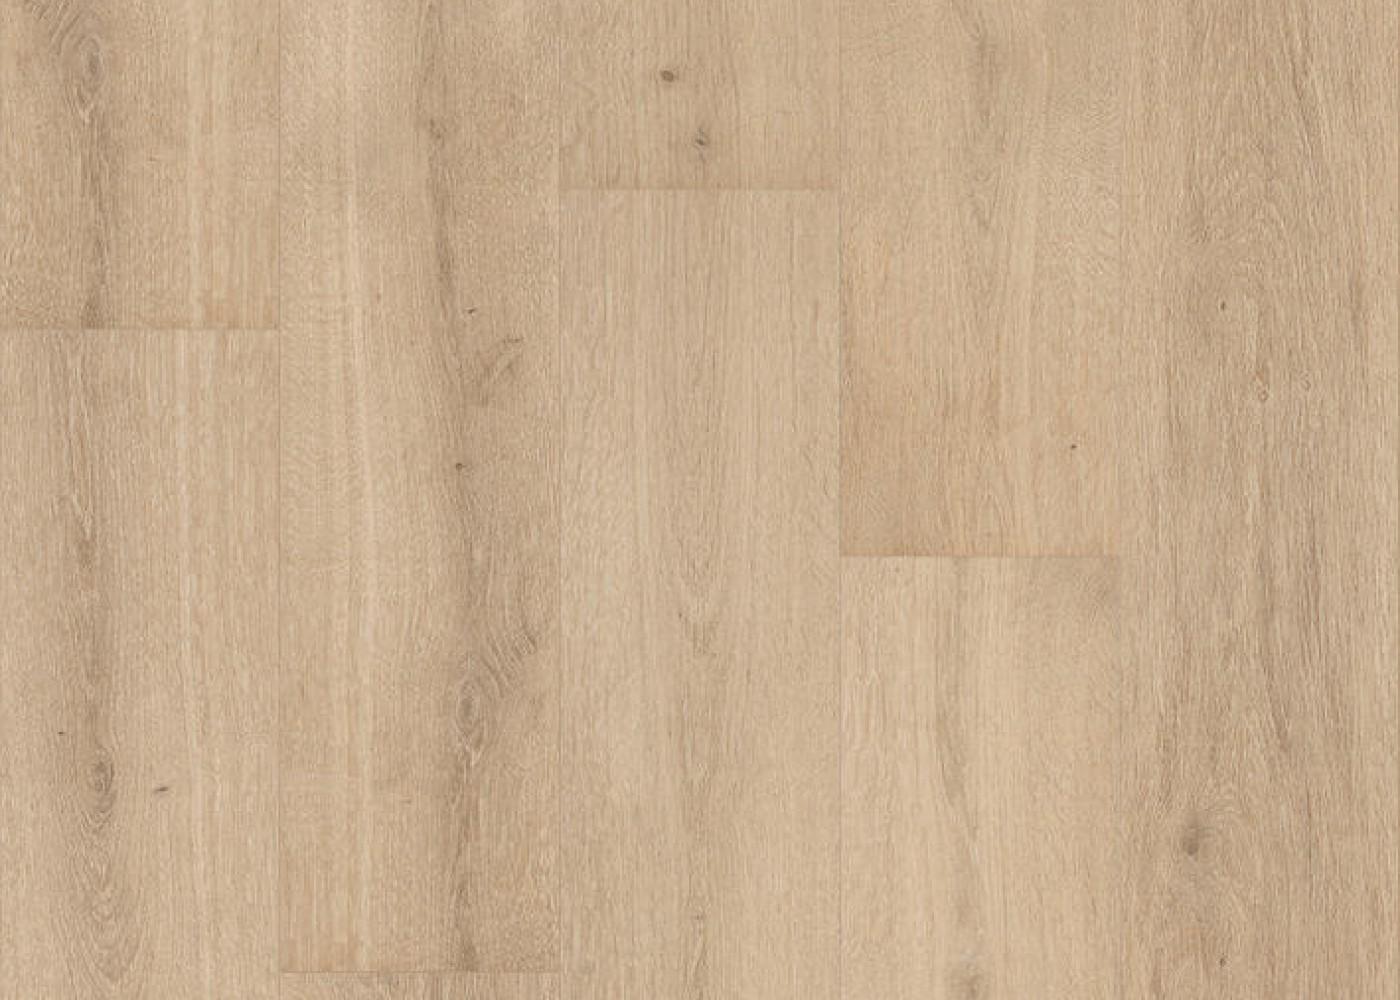 Vinyle rigide Chêne Crémant G4 passage résidentiel 4.5x178x1219